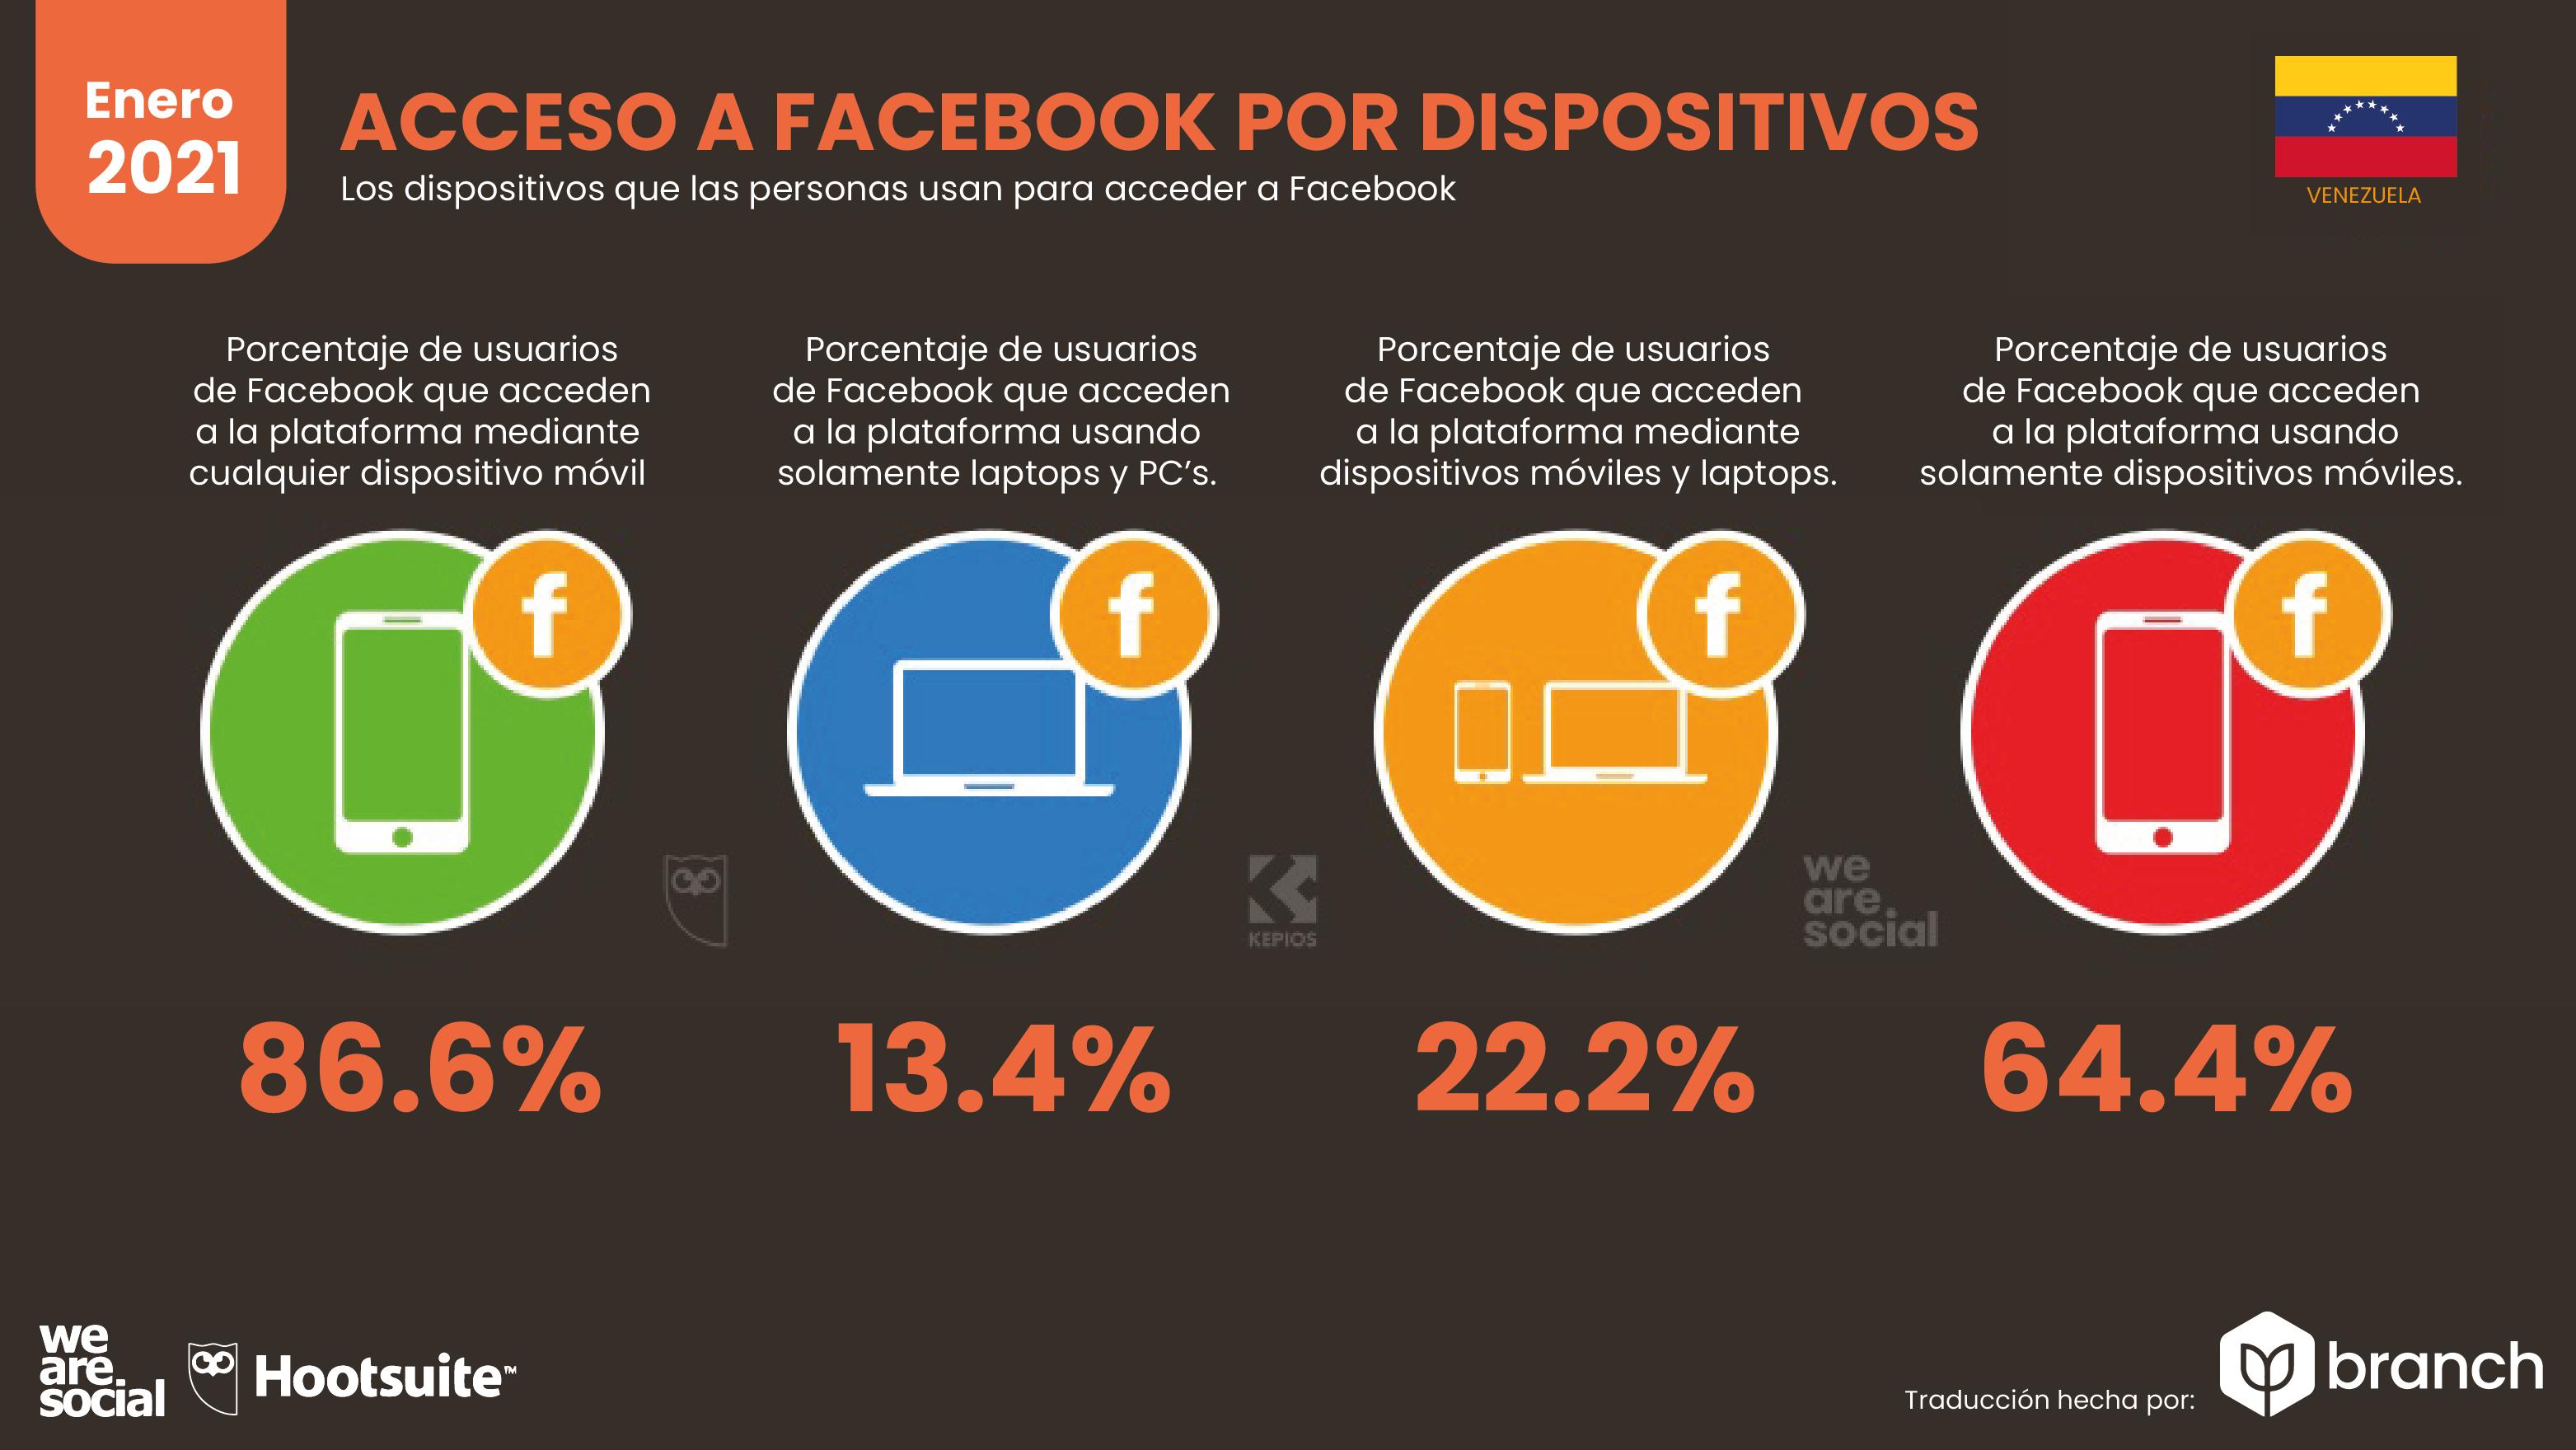 acceso-a-facebook-por-dispositivos-venezuela-2021